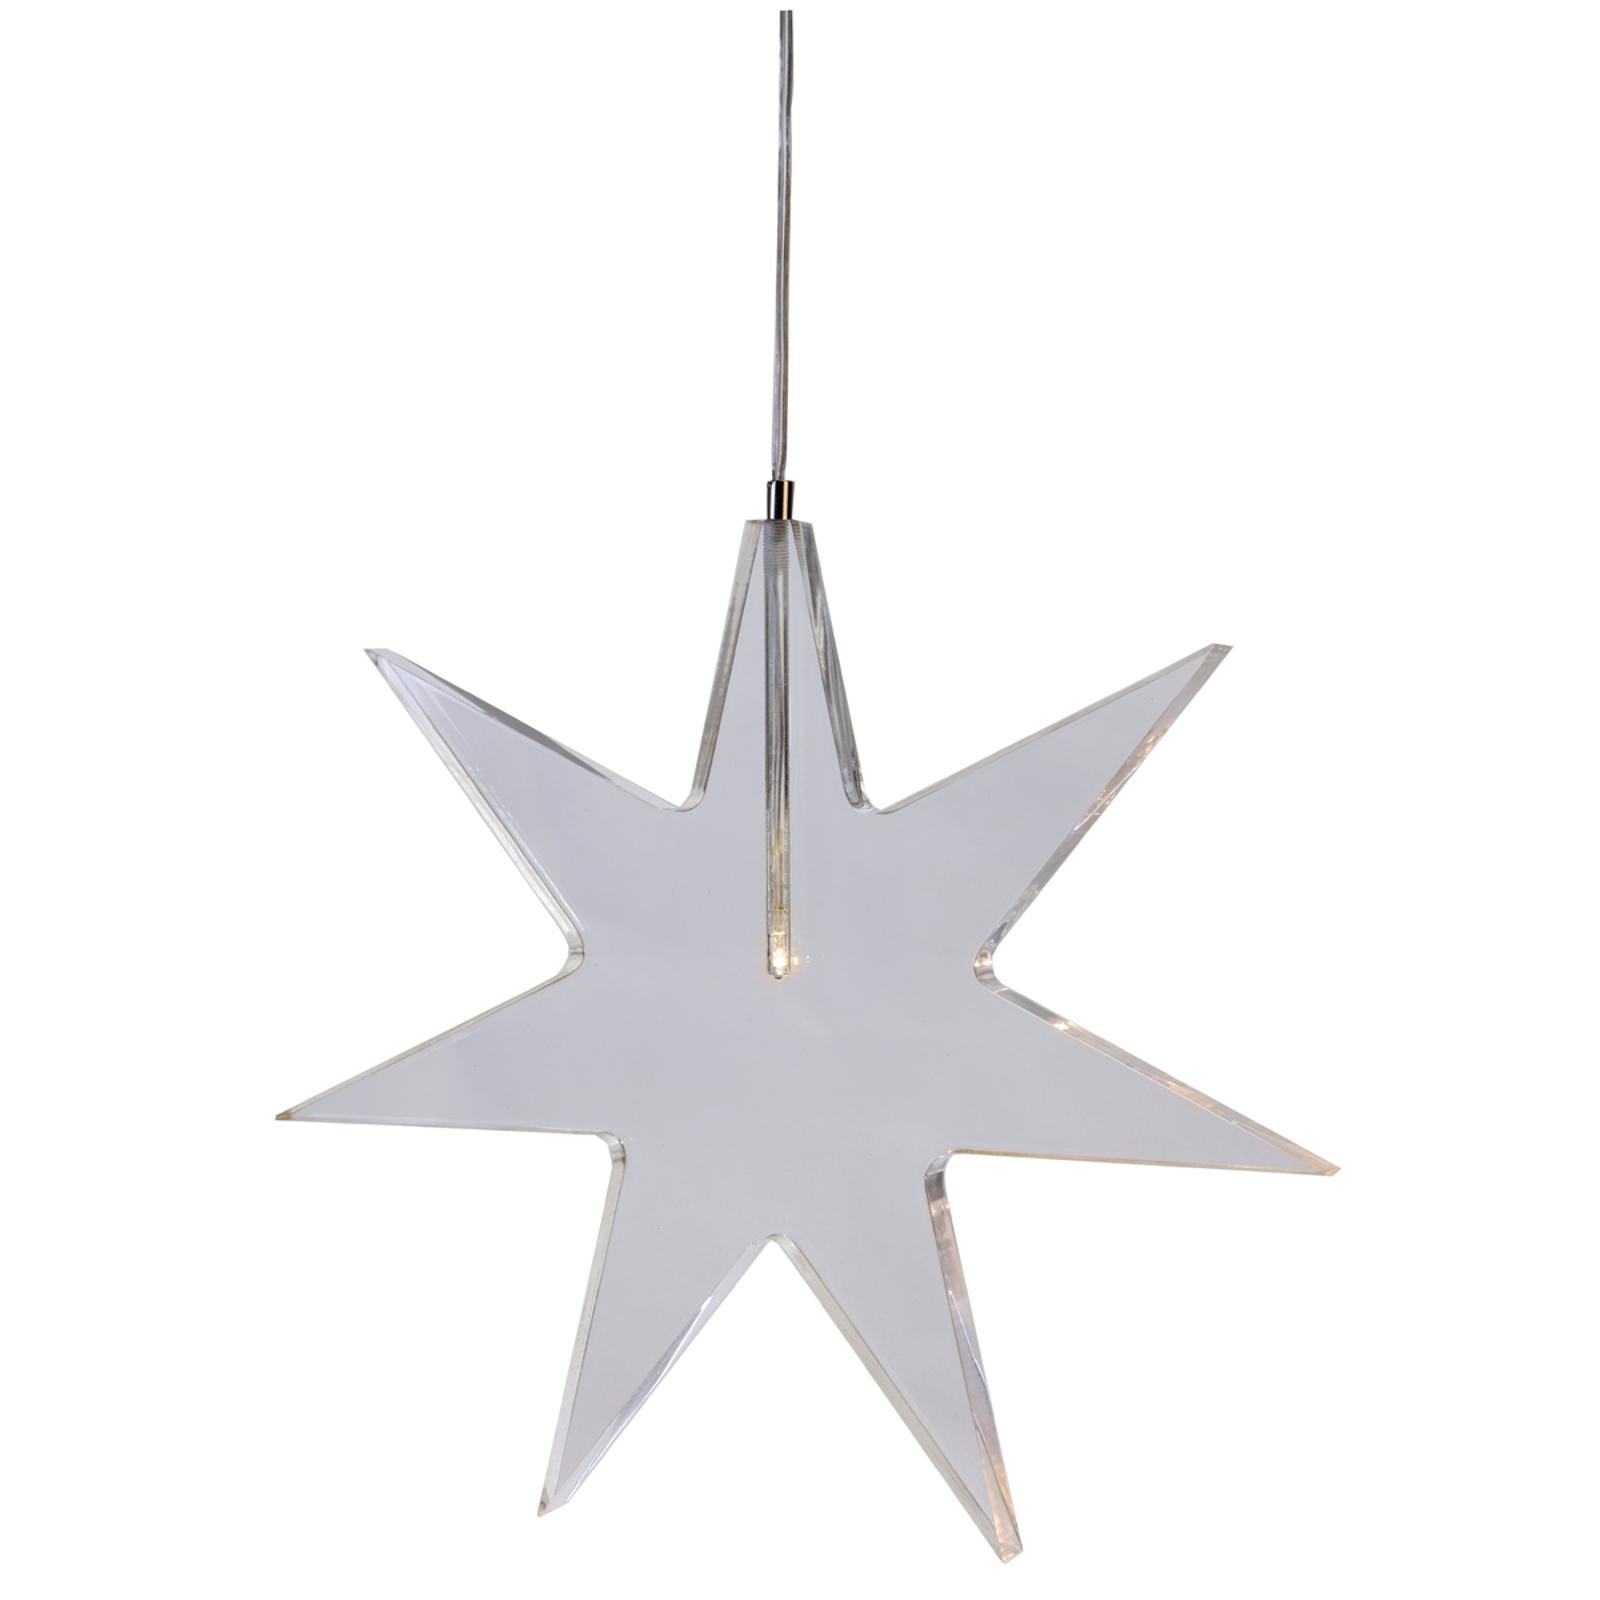 Priehľadná LED hviezda – dekoračná lampa Karla_1522505_1